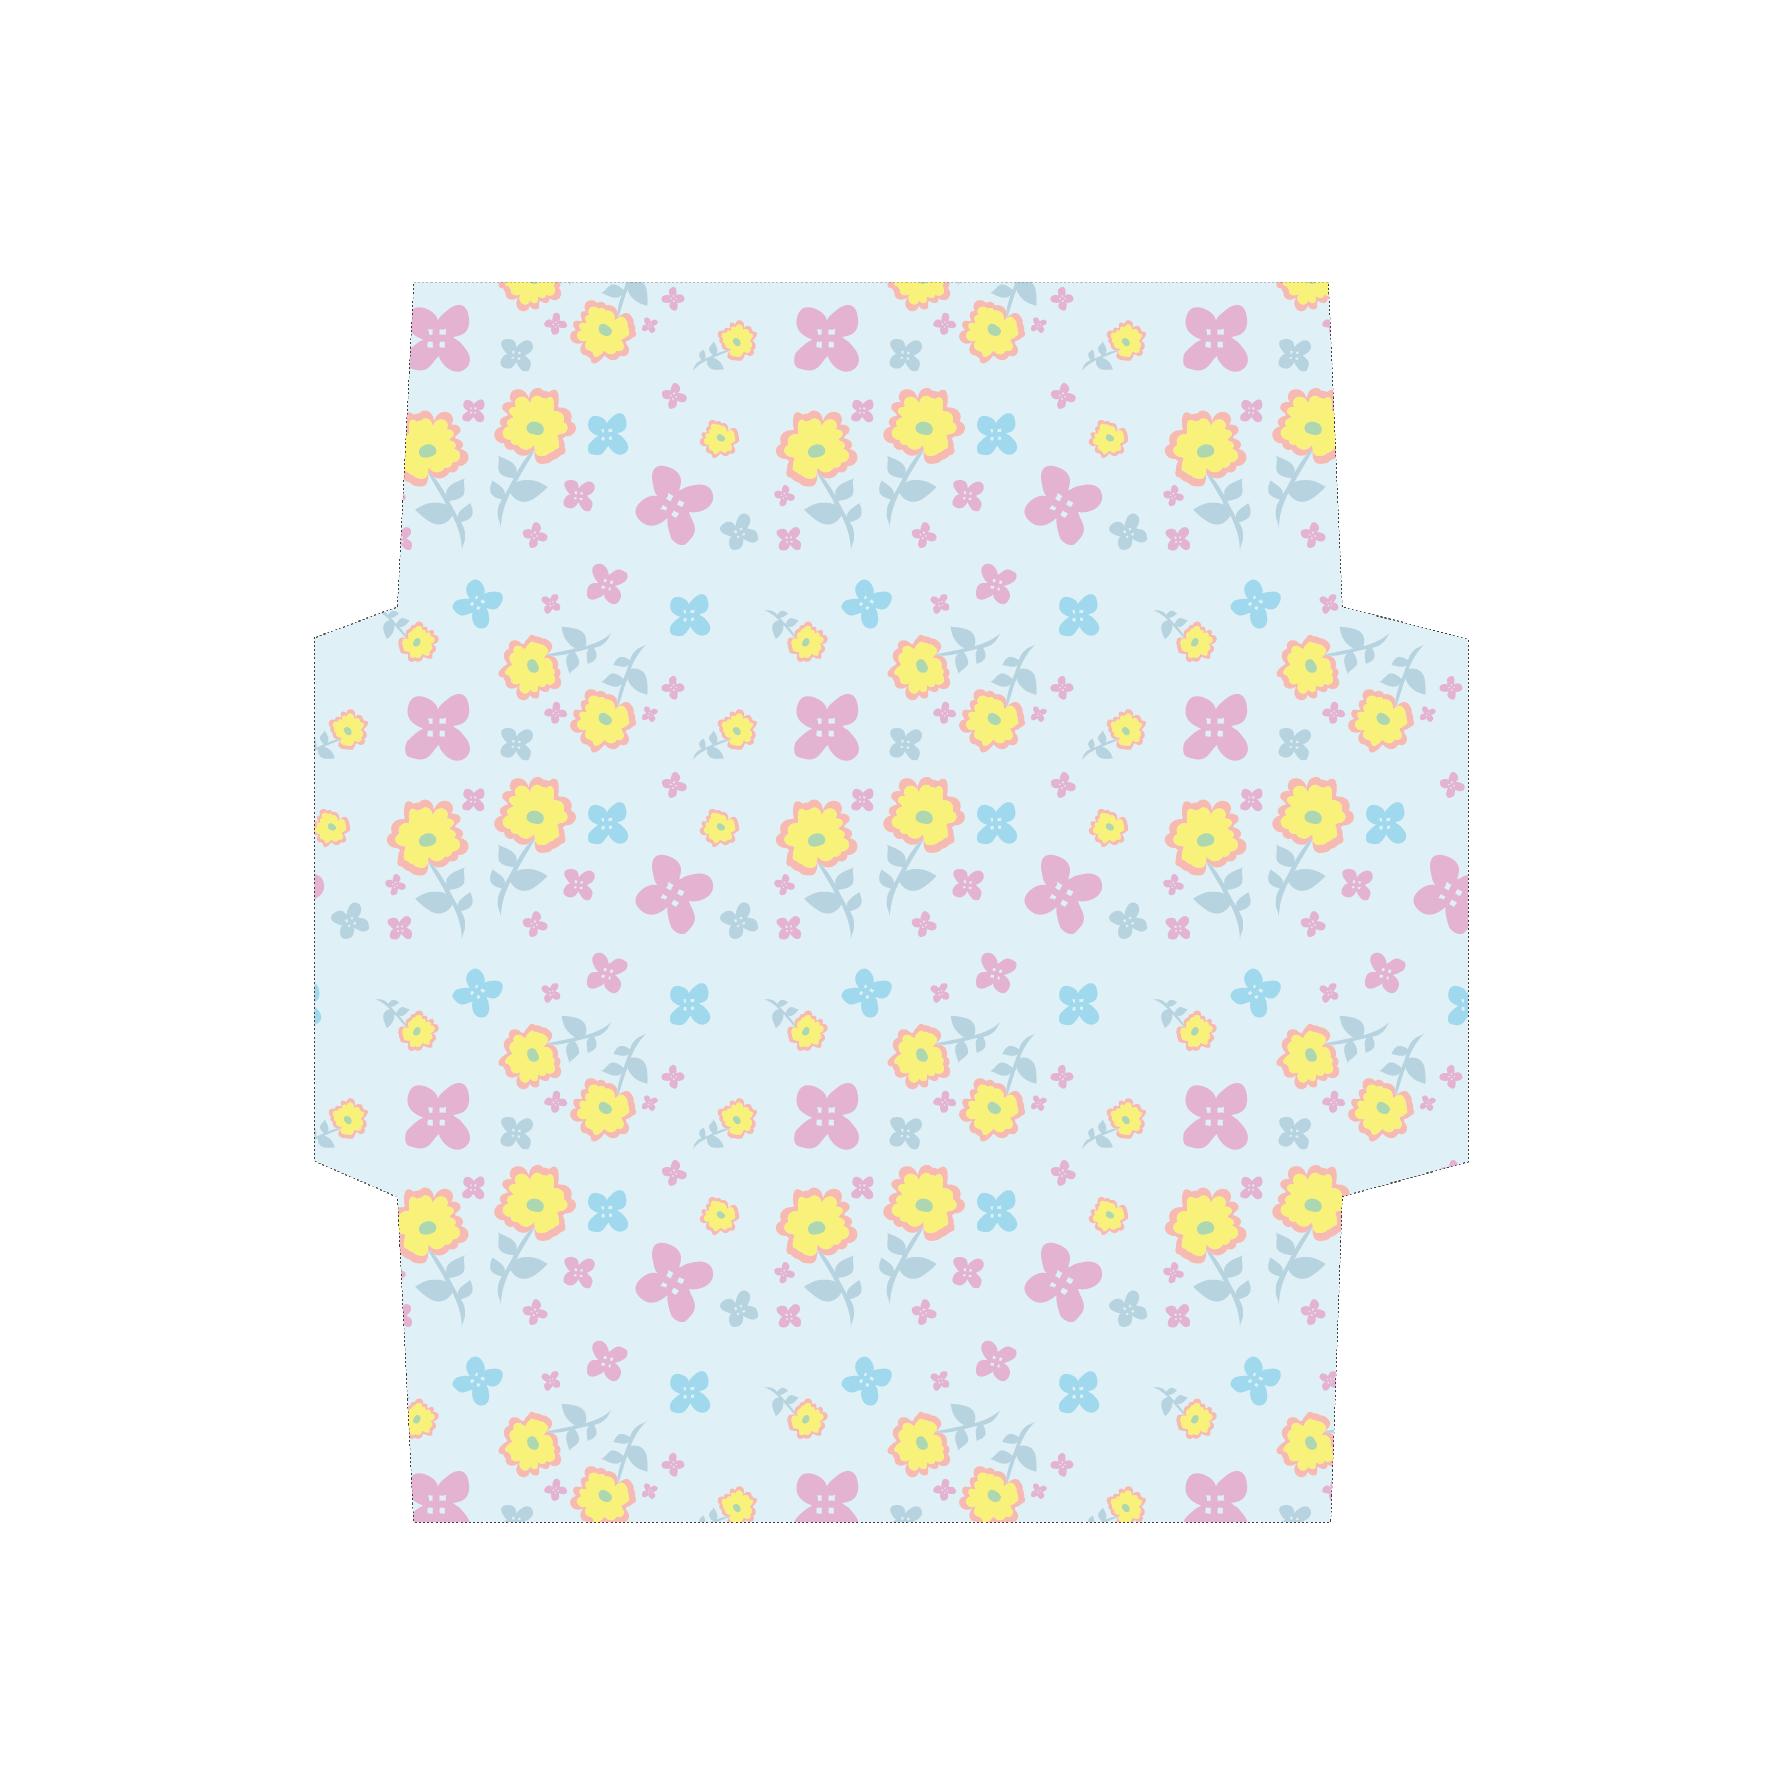 花柄のかわいい封筒(パステルブルー)のテンプレート イラスト